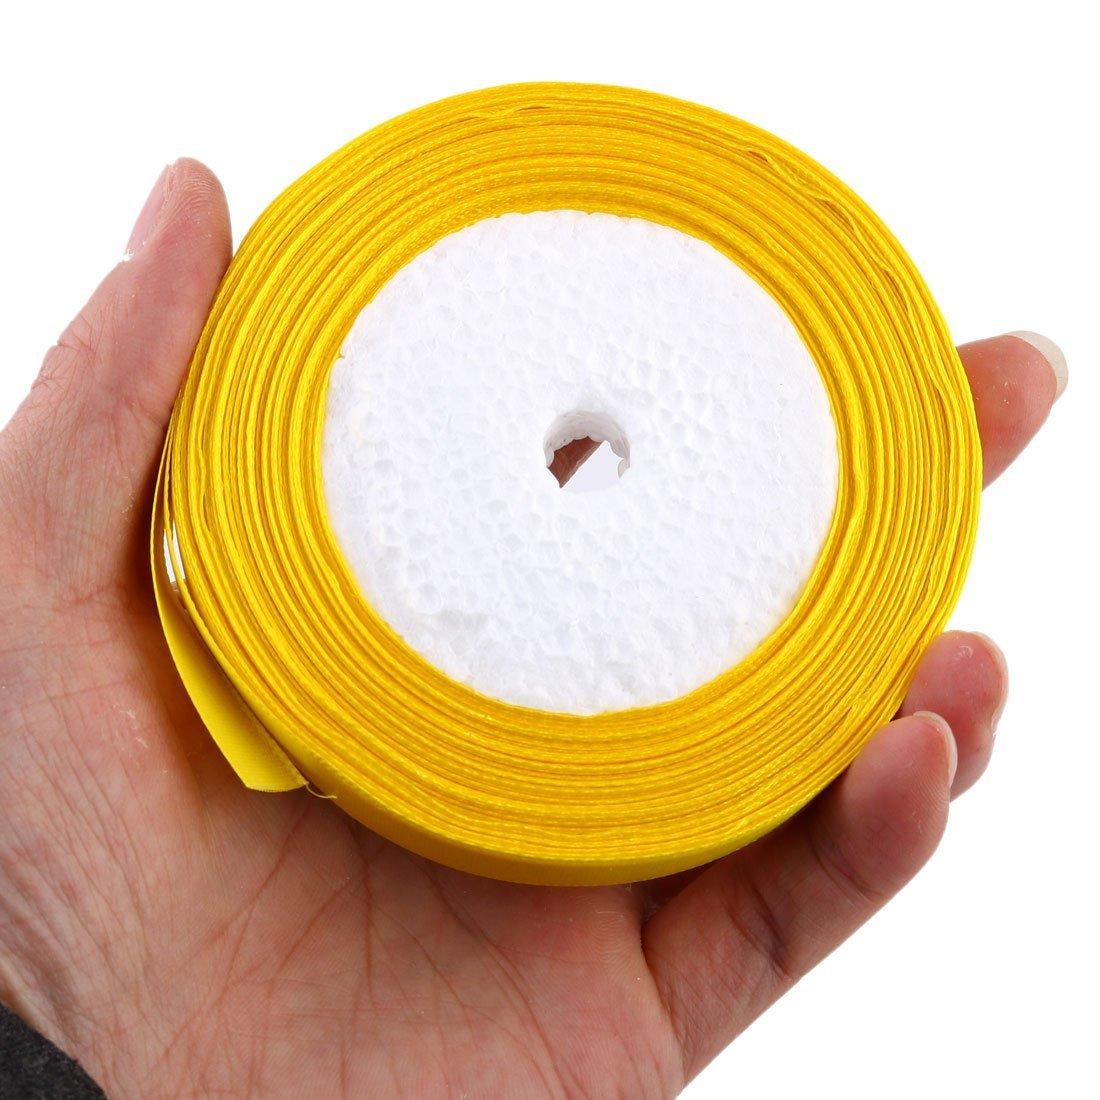 Amazon.com: eDealMax poliéster de decoración de Interior del embalaje del Regalo de la Cinta del Rollo de artesanía satén 5pcs Cinta amarilla: Health ...